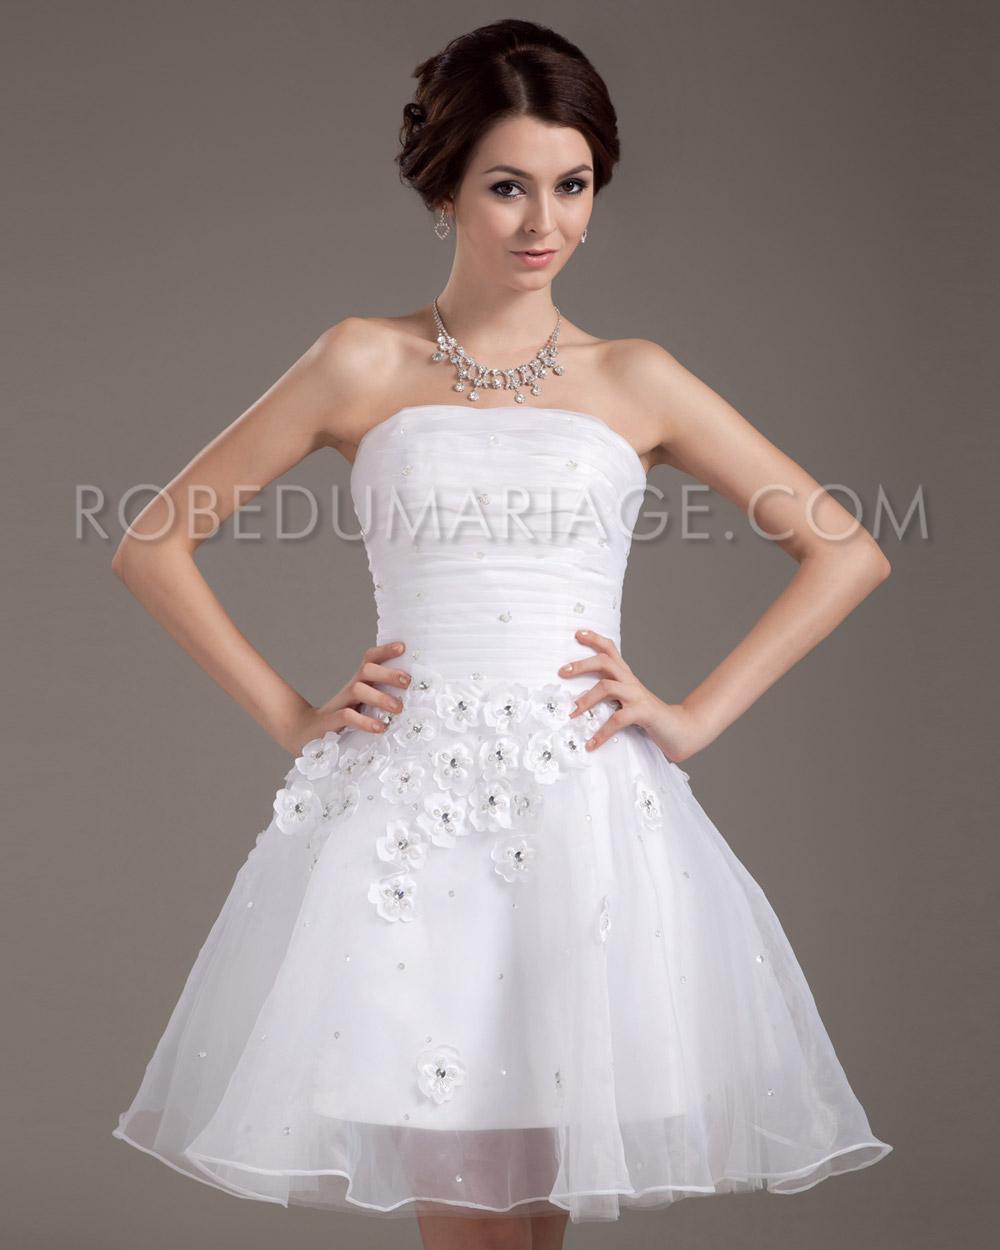 ... mariée civile > Bustier robe de mariée civil organza fleurs pas cher